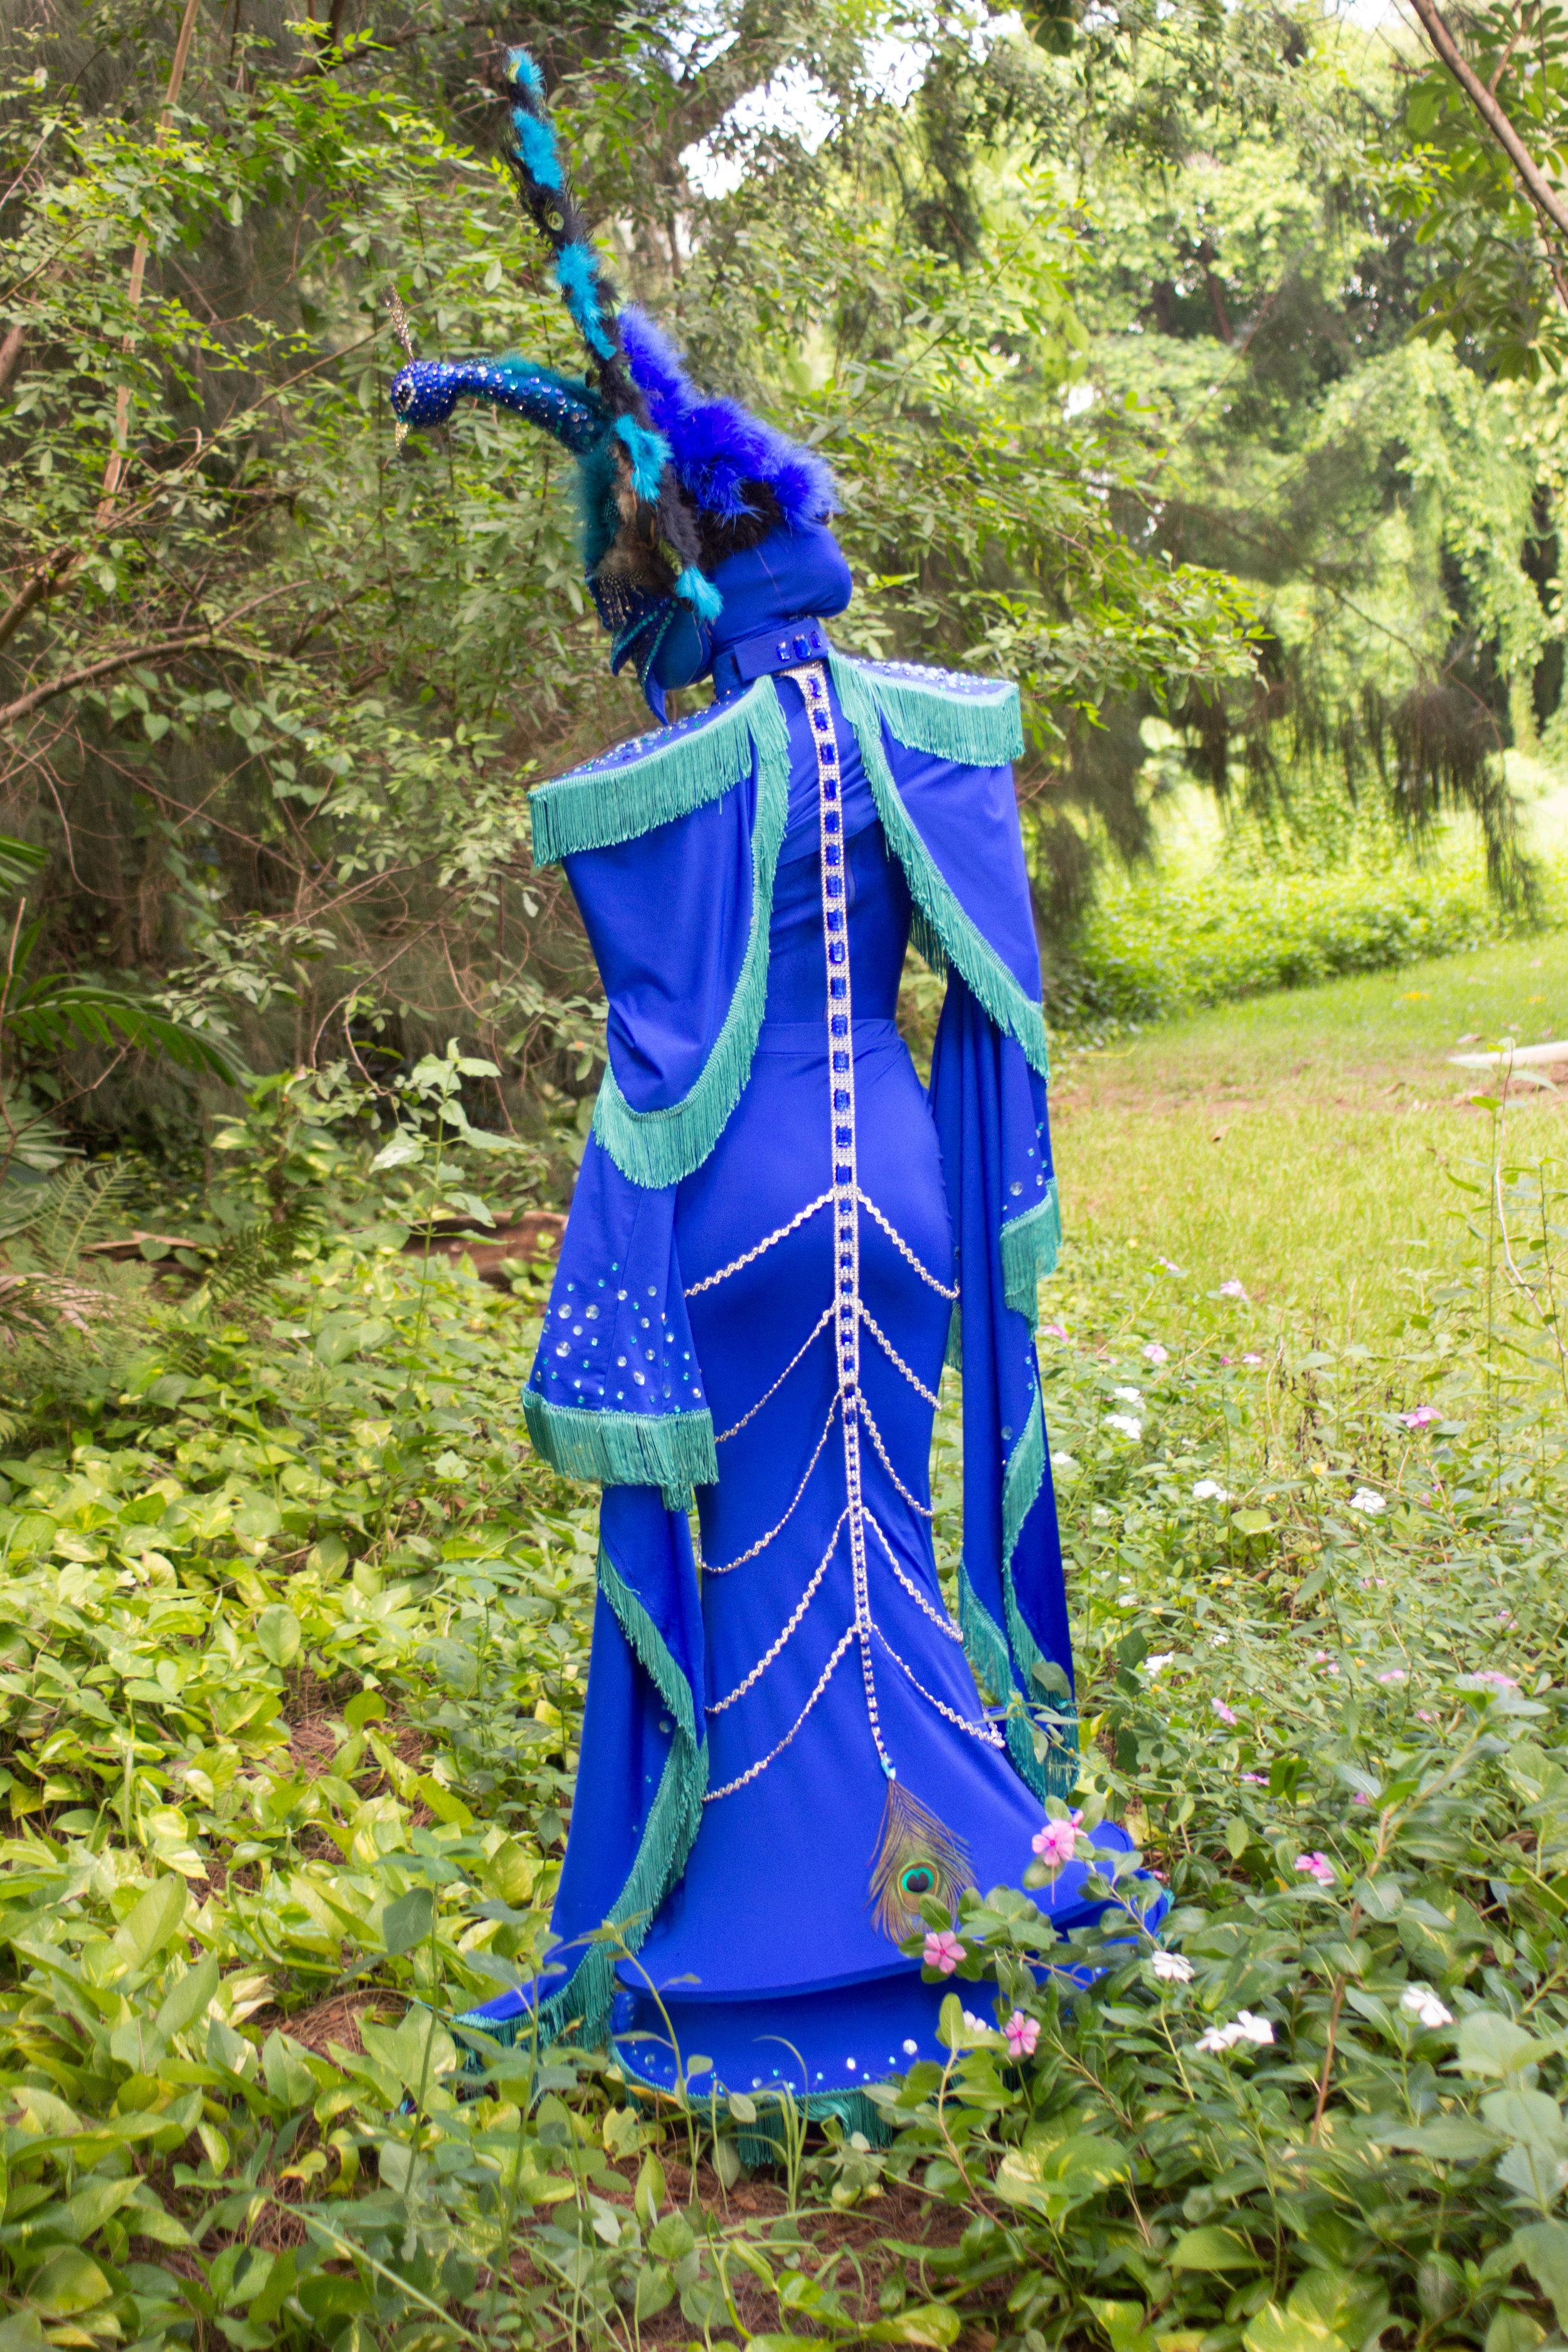 Peacock fairytale-8861.jpg